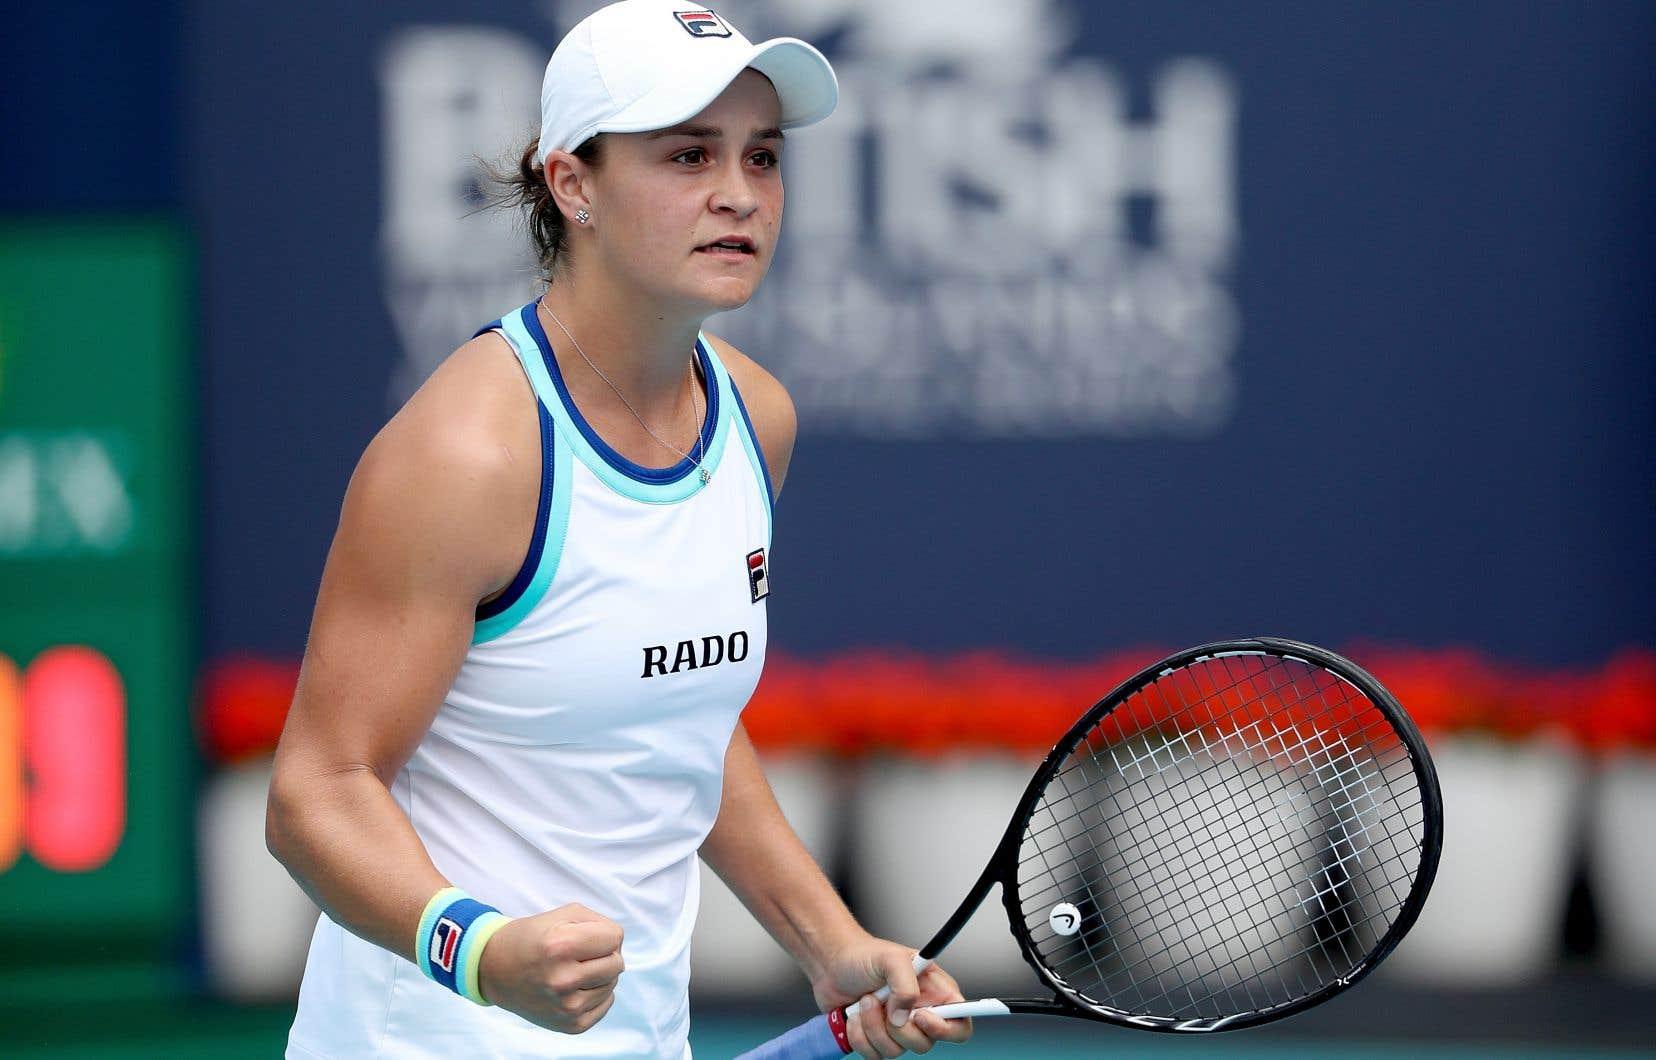 Ashleigh Bartyse retrouvera au neuvième échelon mondial lors de la publication de la mise à jour du classement de la WTA la semaine prochaine.